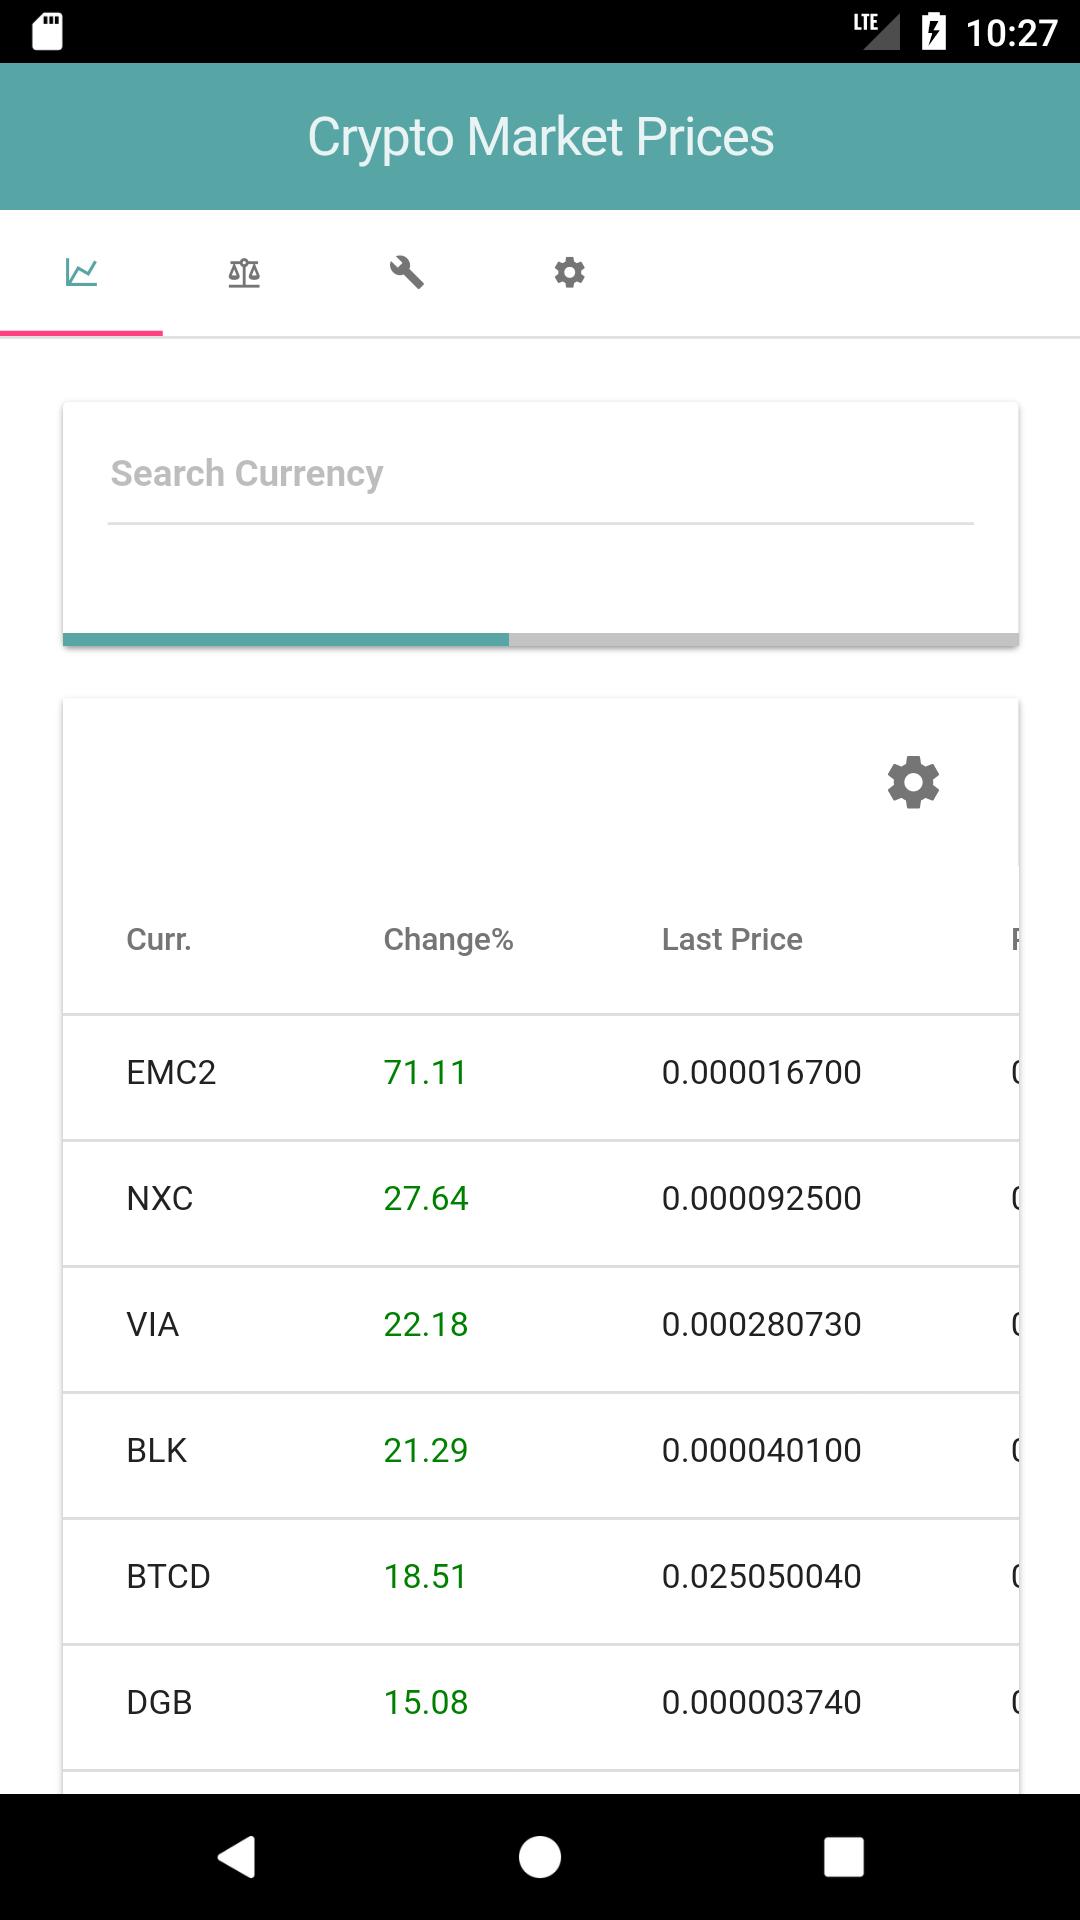 Crypto Market Prices - 5